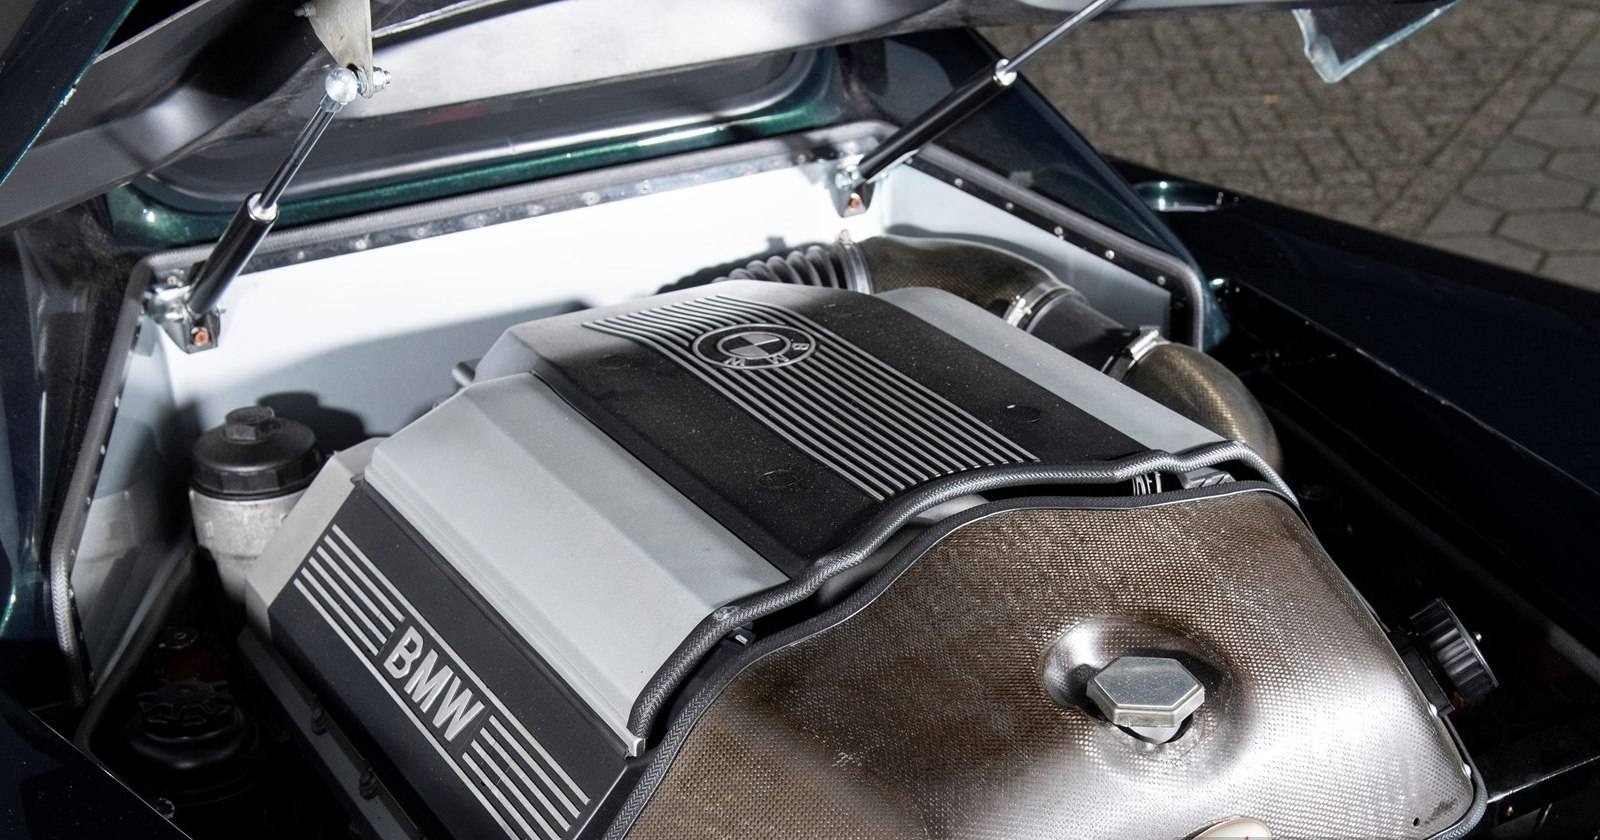 Спорткар Ascari Ecosse с двигателем BMW за 165 000 евро 3